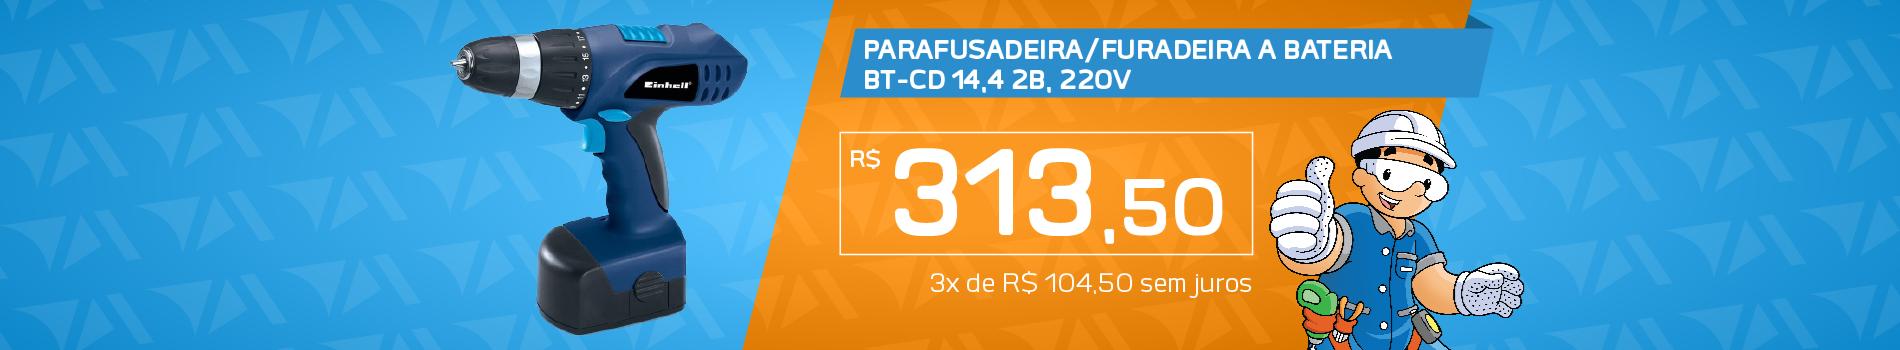 http://www.artesana.com.br/produto/parafusad-furad-a-bateria-bt-cd-14-4-2b-220v-66966